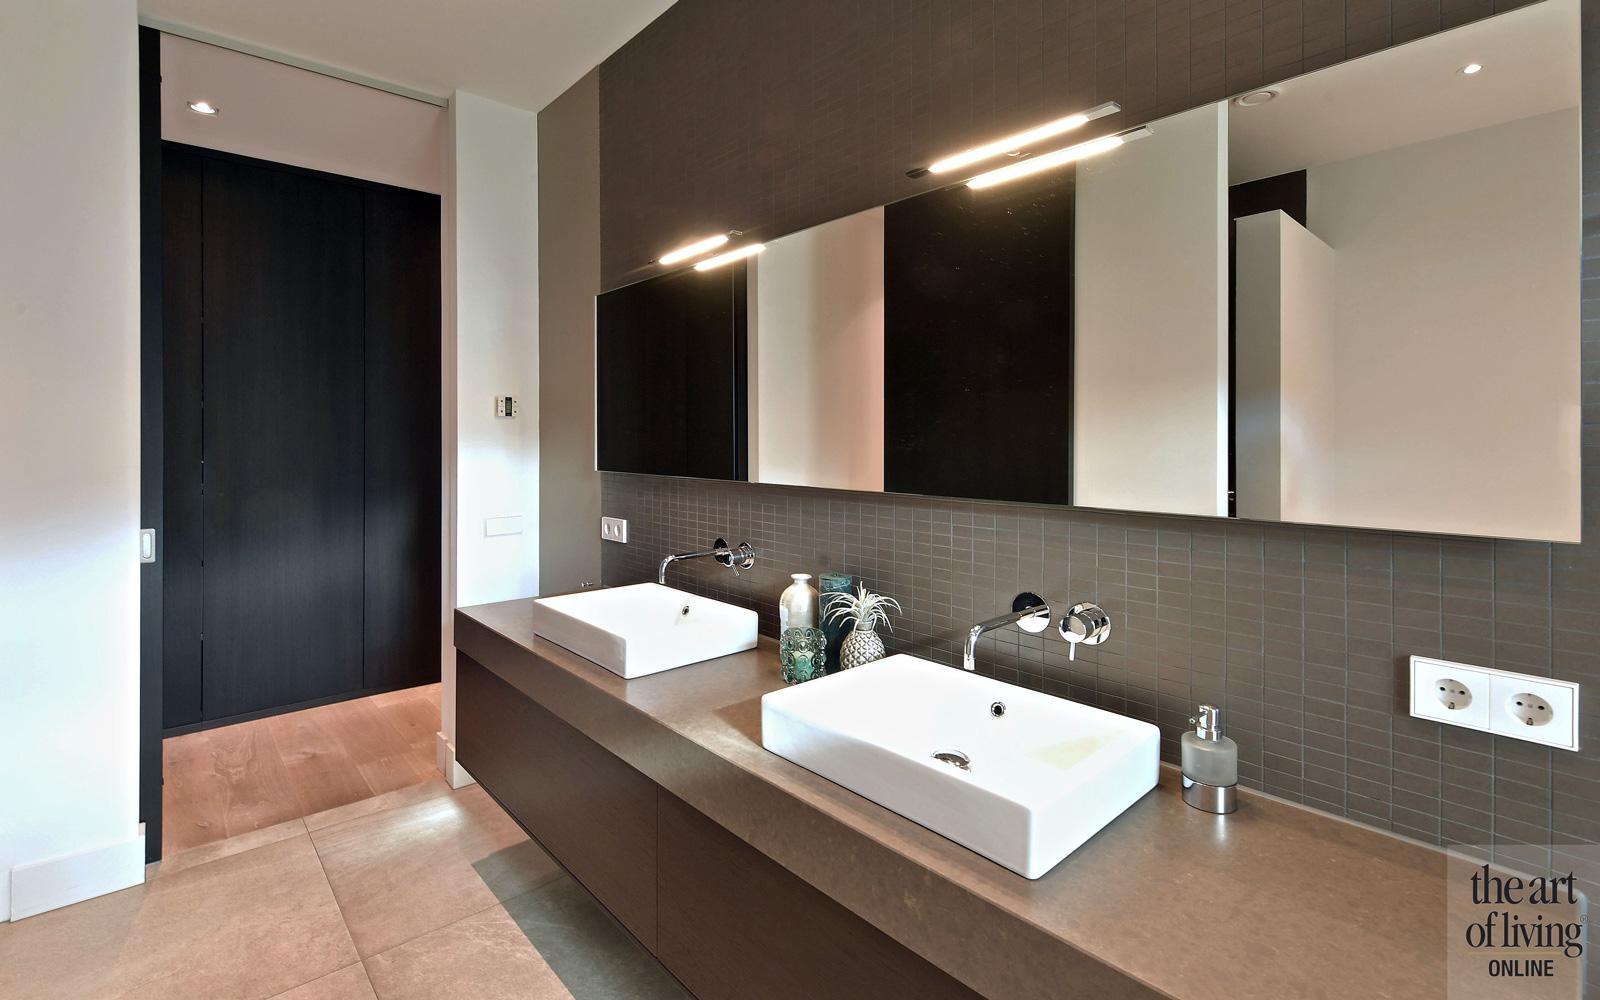 Badkamer met keramische tegels van Cerriva